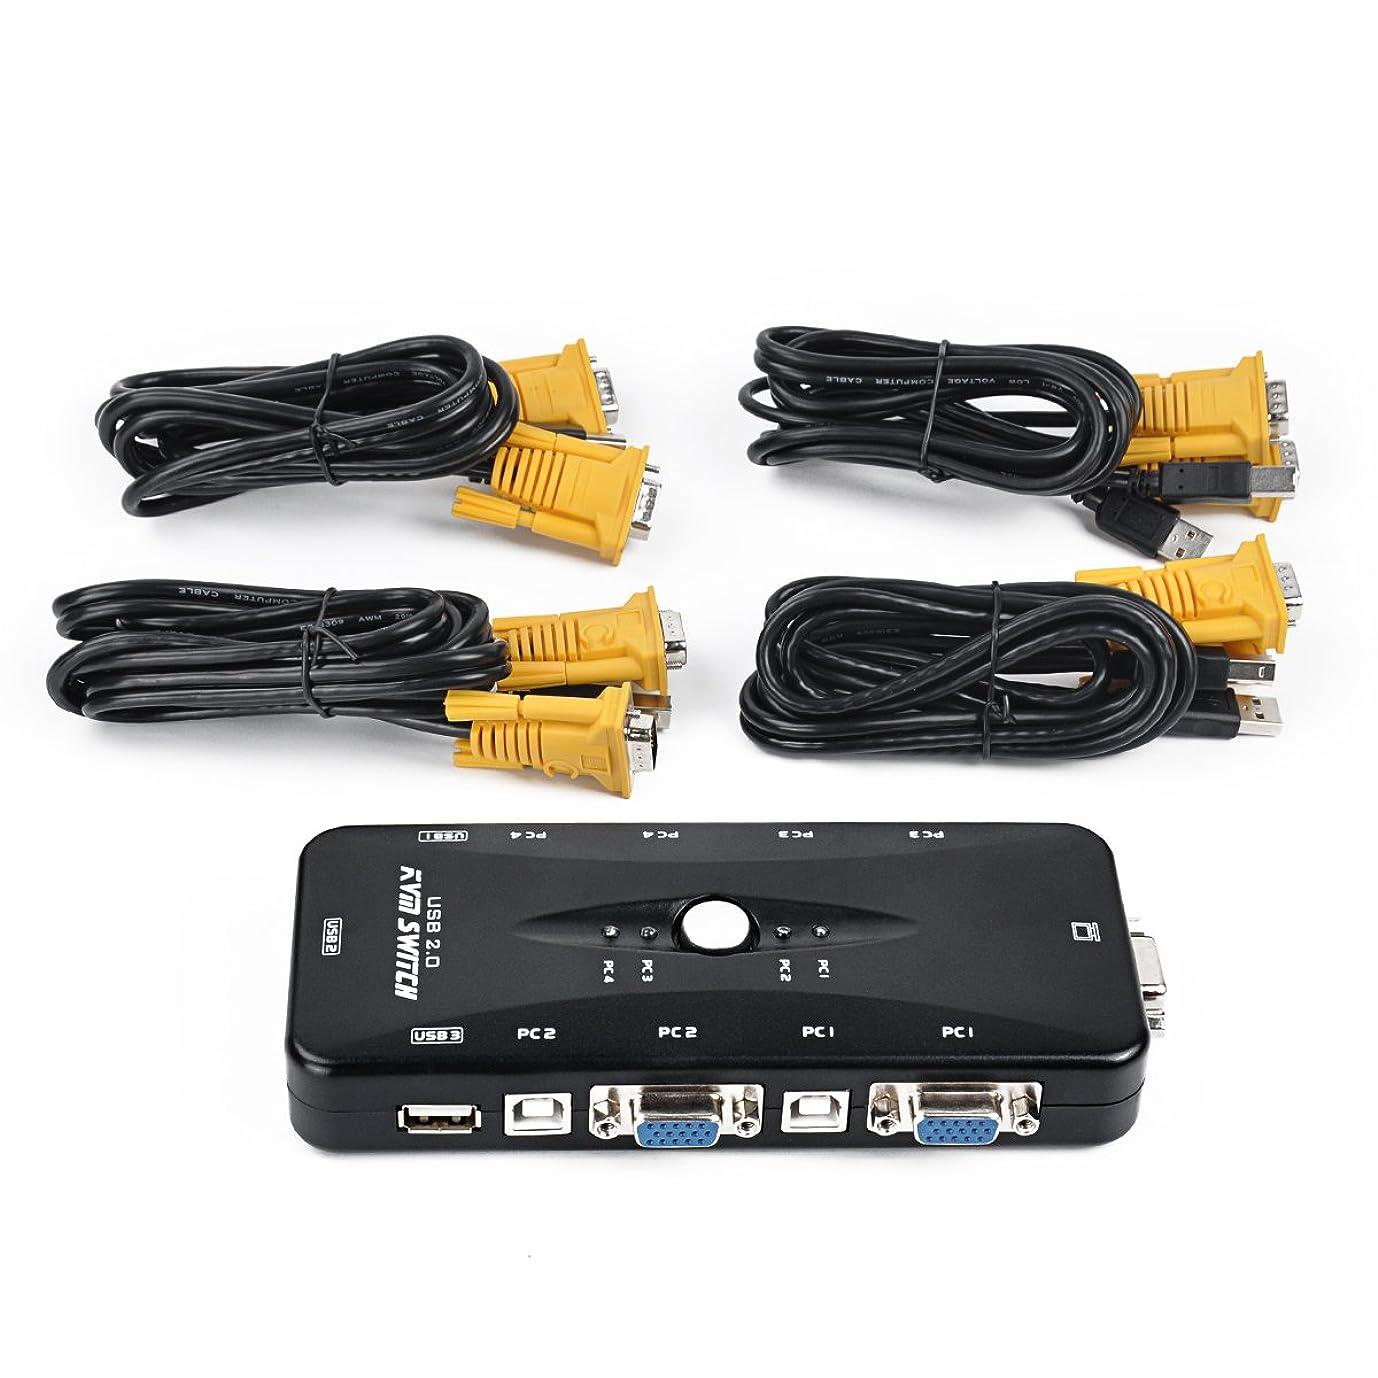 パン入場含めるサンワサプライ リモコン付き4K2K対応HDMI切替器(3:1) SW-UHD31R